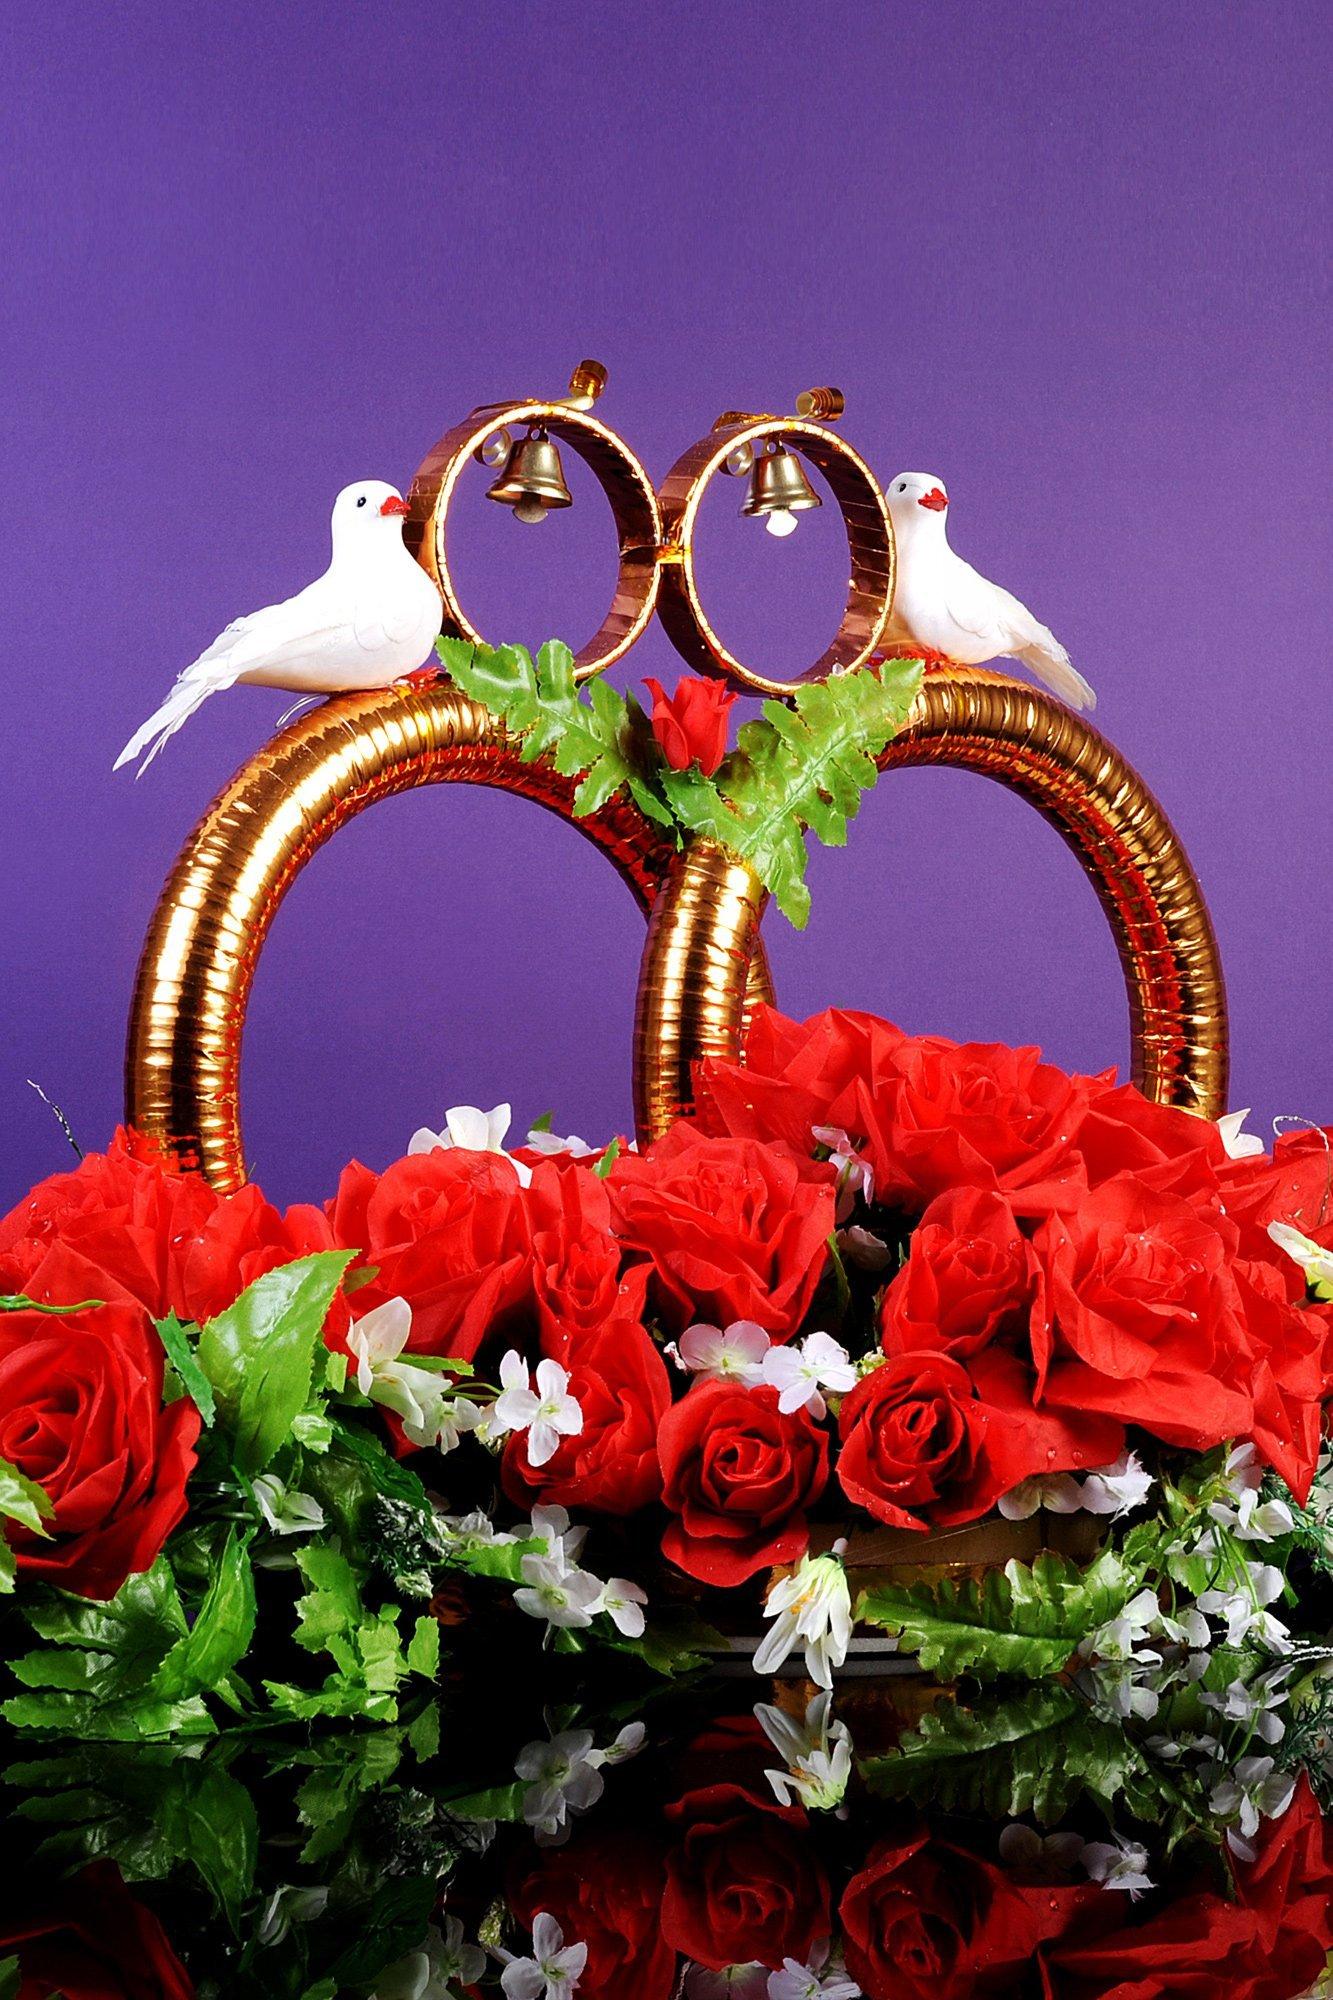 Торжественная свадебная композиция на машину с кольцами, бутонами и голубками.